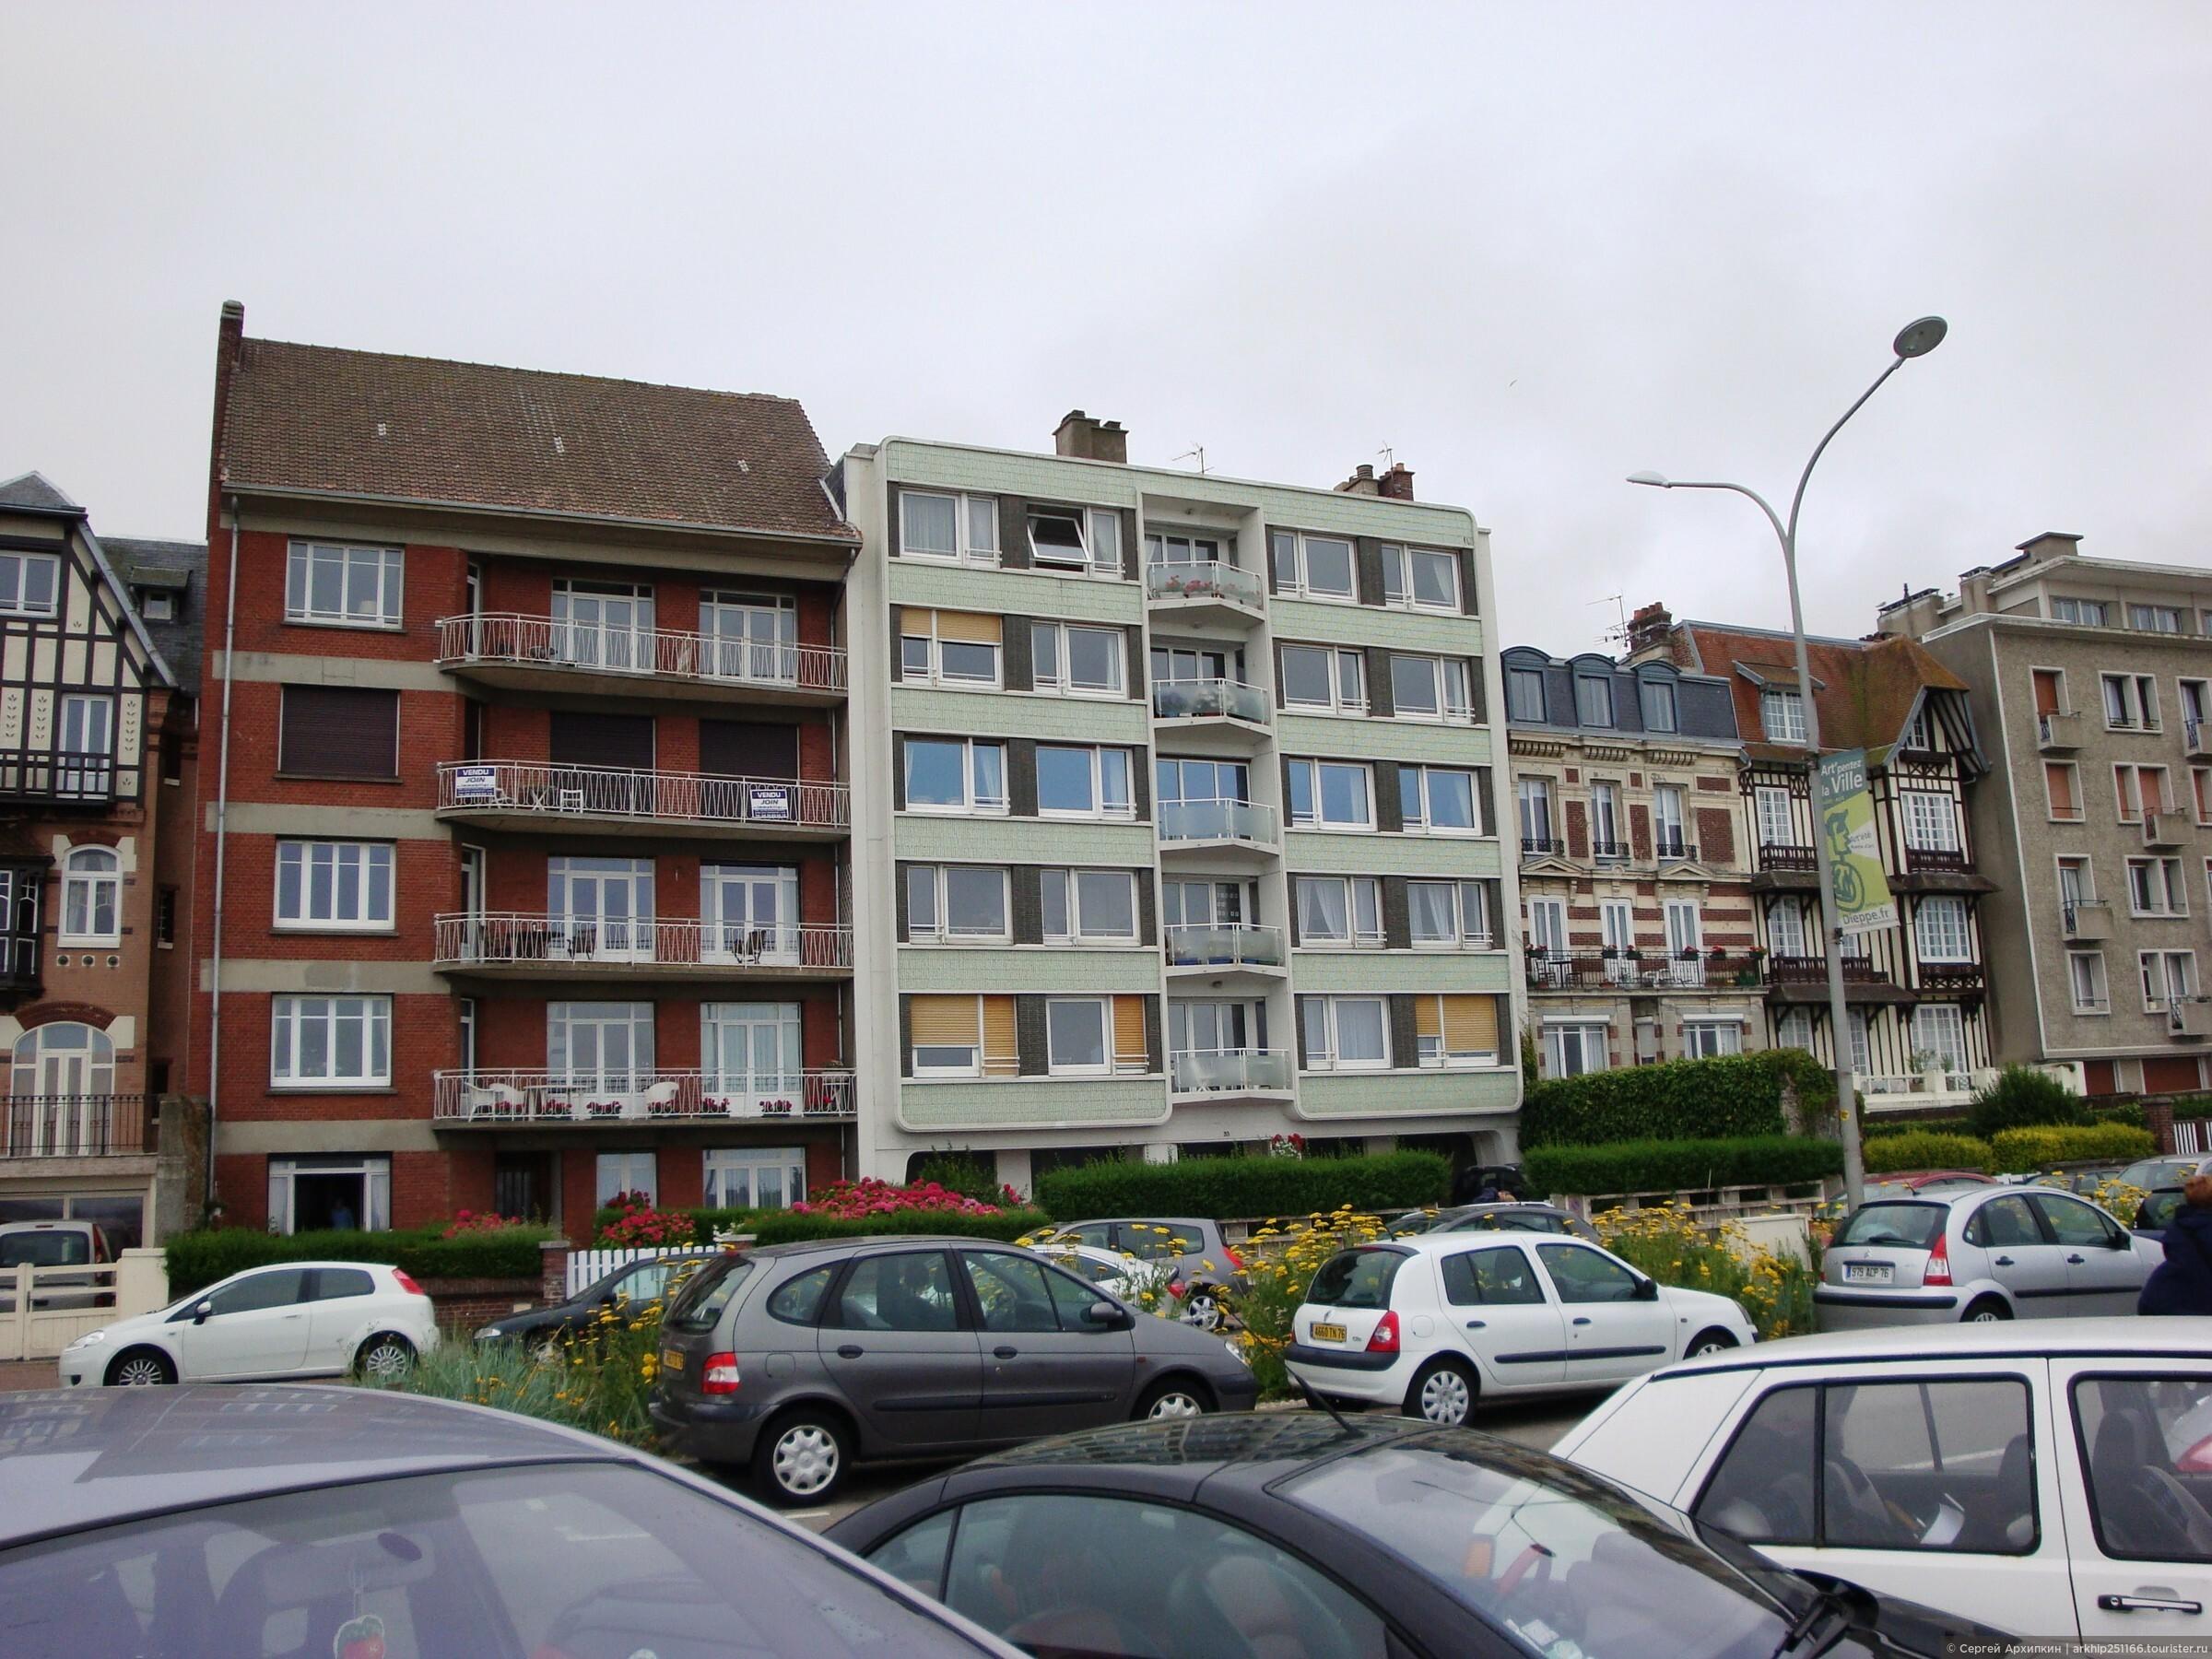 """Фото из альбома """"В Дьеп — город в Нормандии на берегу Ла-Манша"""", Дьепп, Франция"""